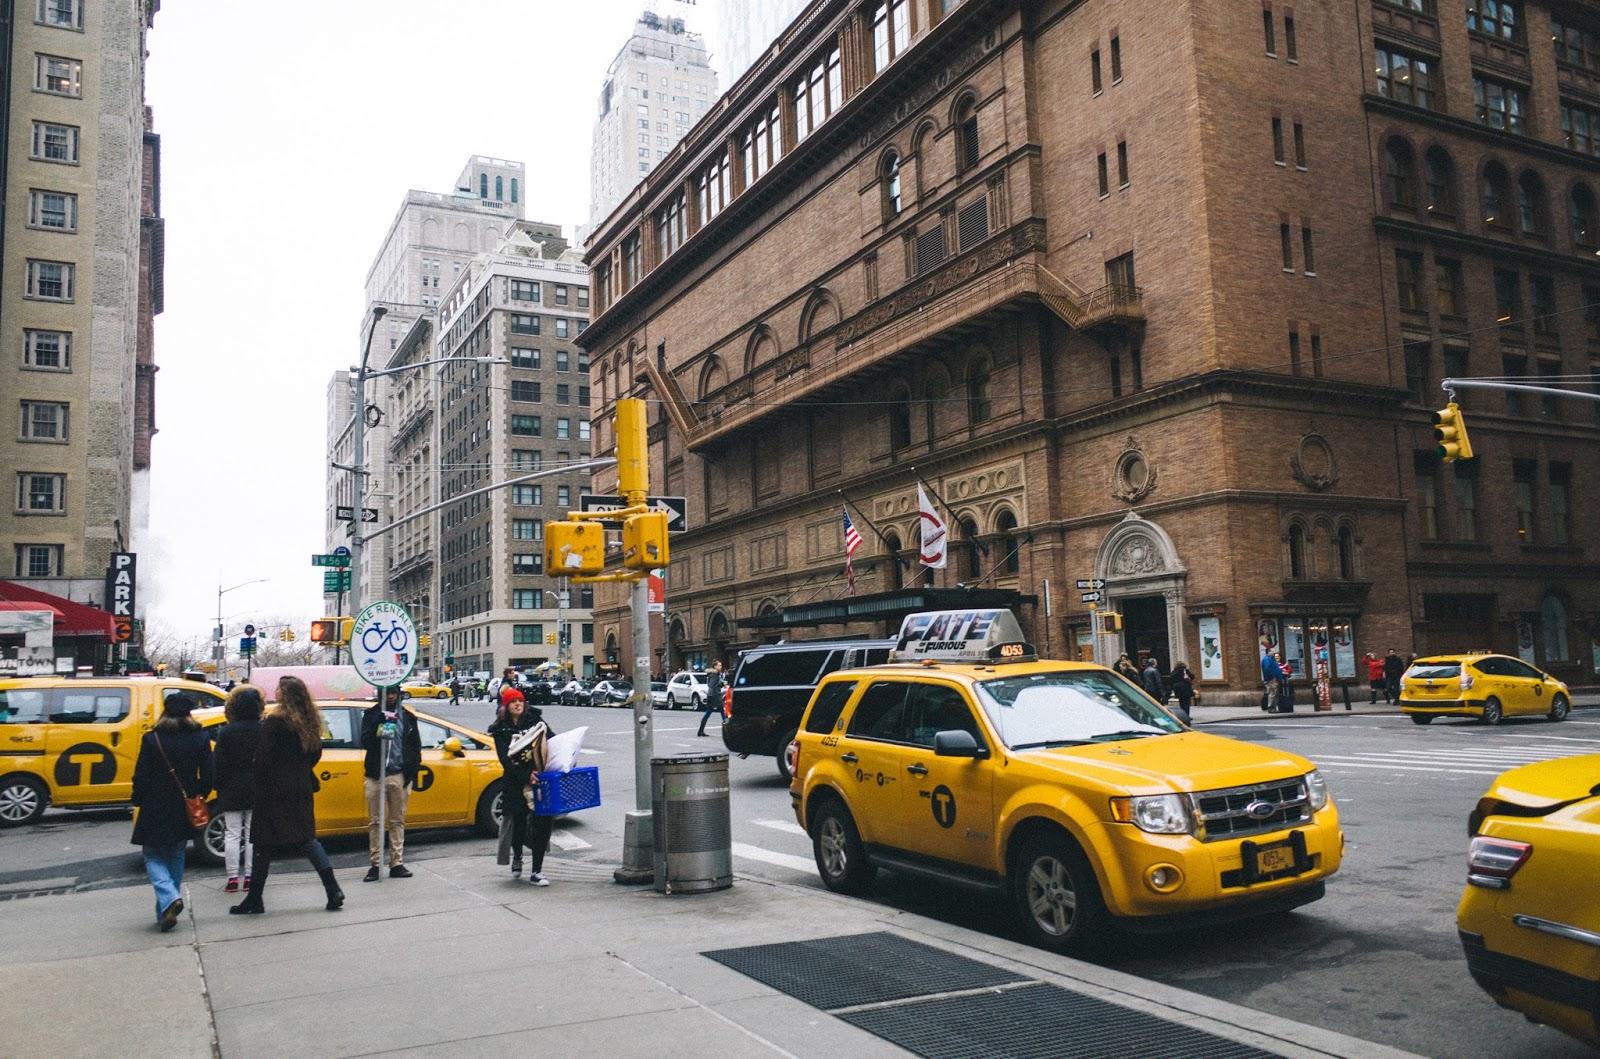 音楽の殿堂「カーネギー・ホール(Carnegie Hall)」 − ニューヨーク旅行